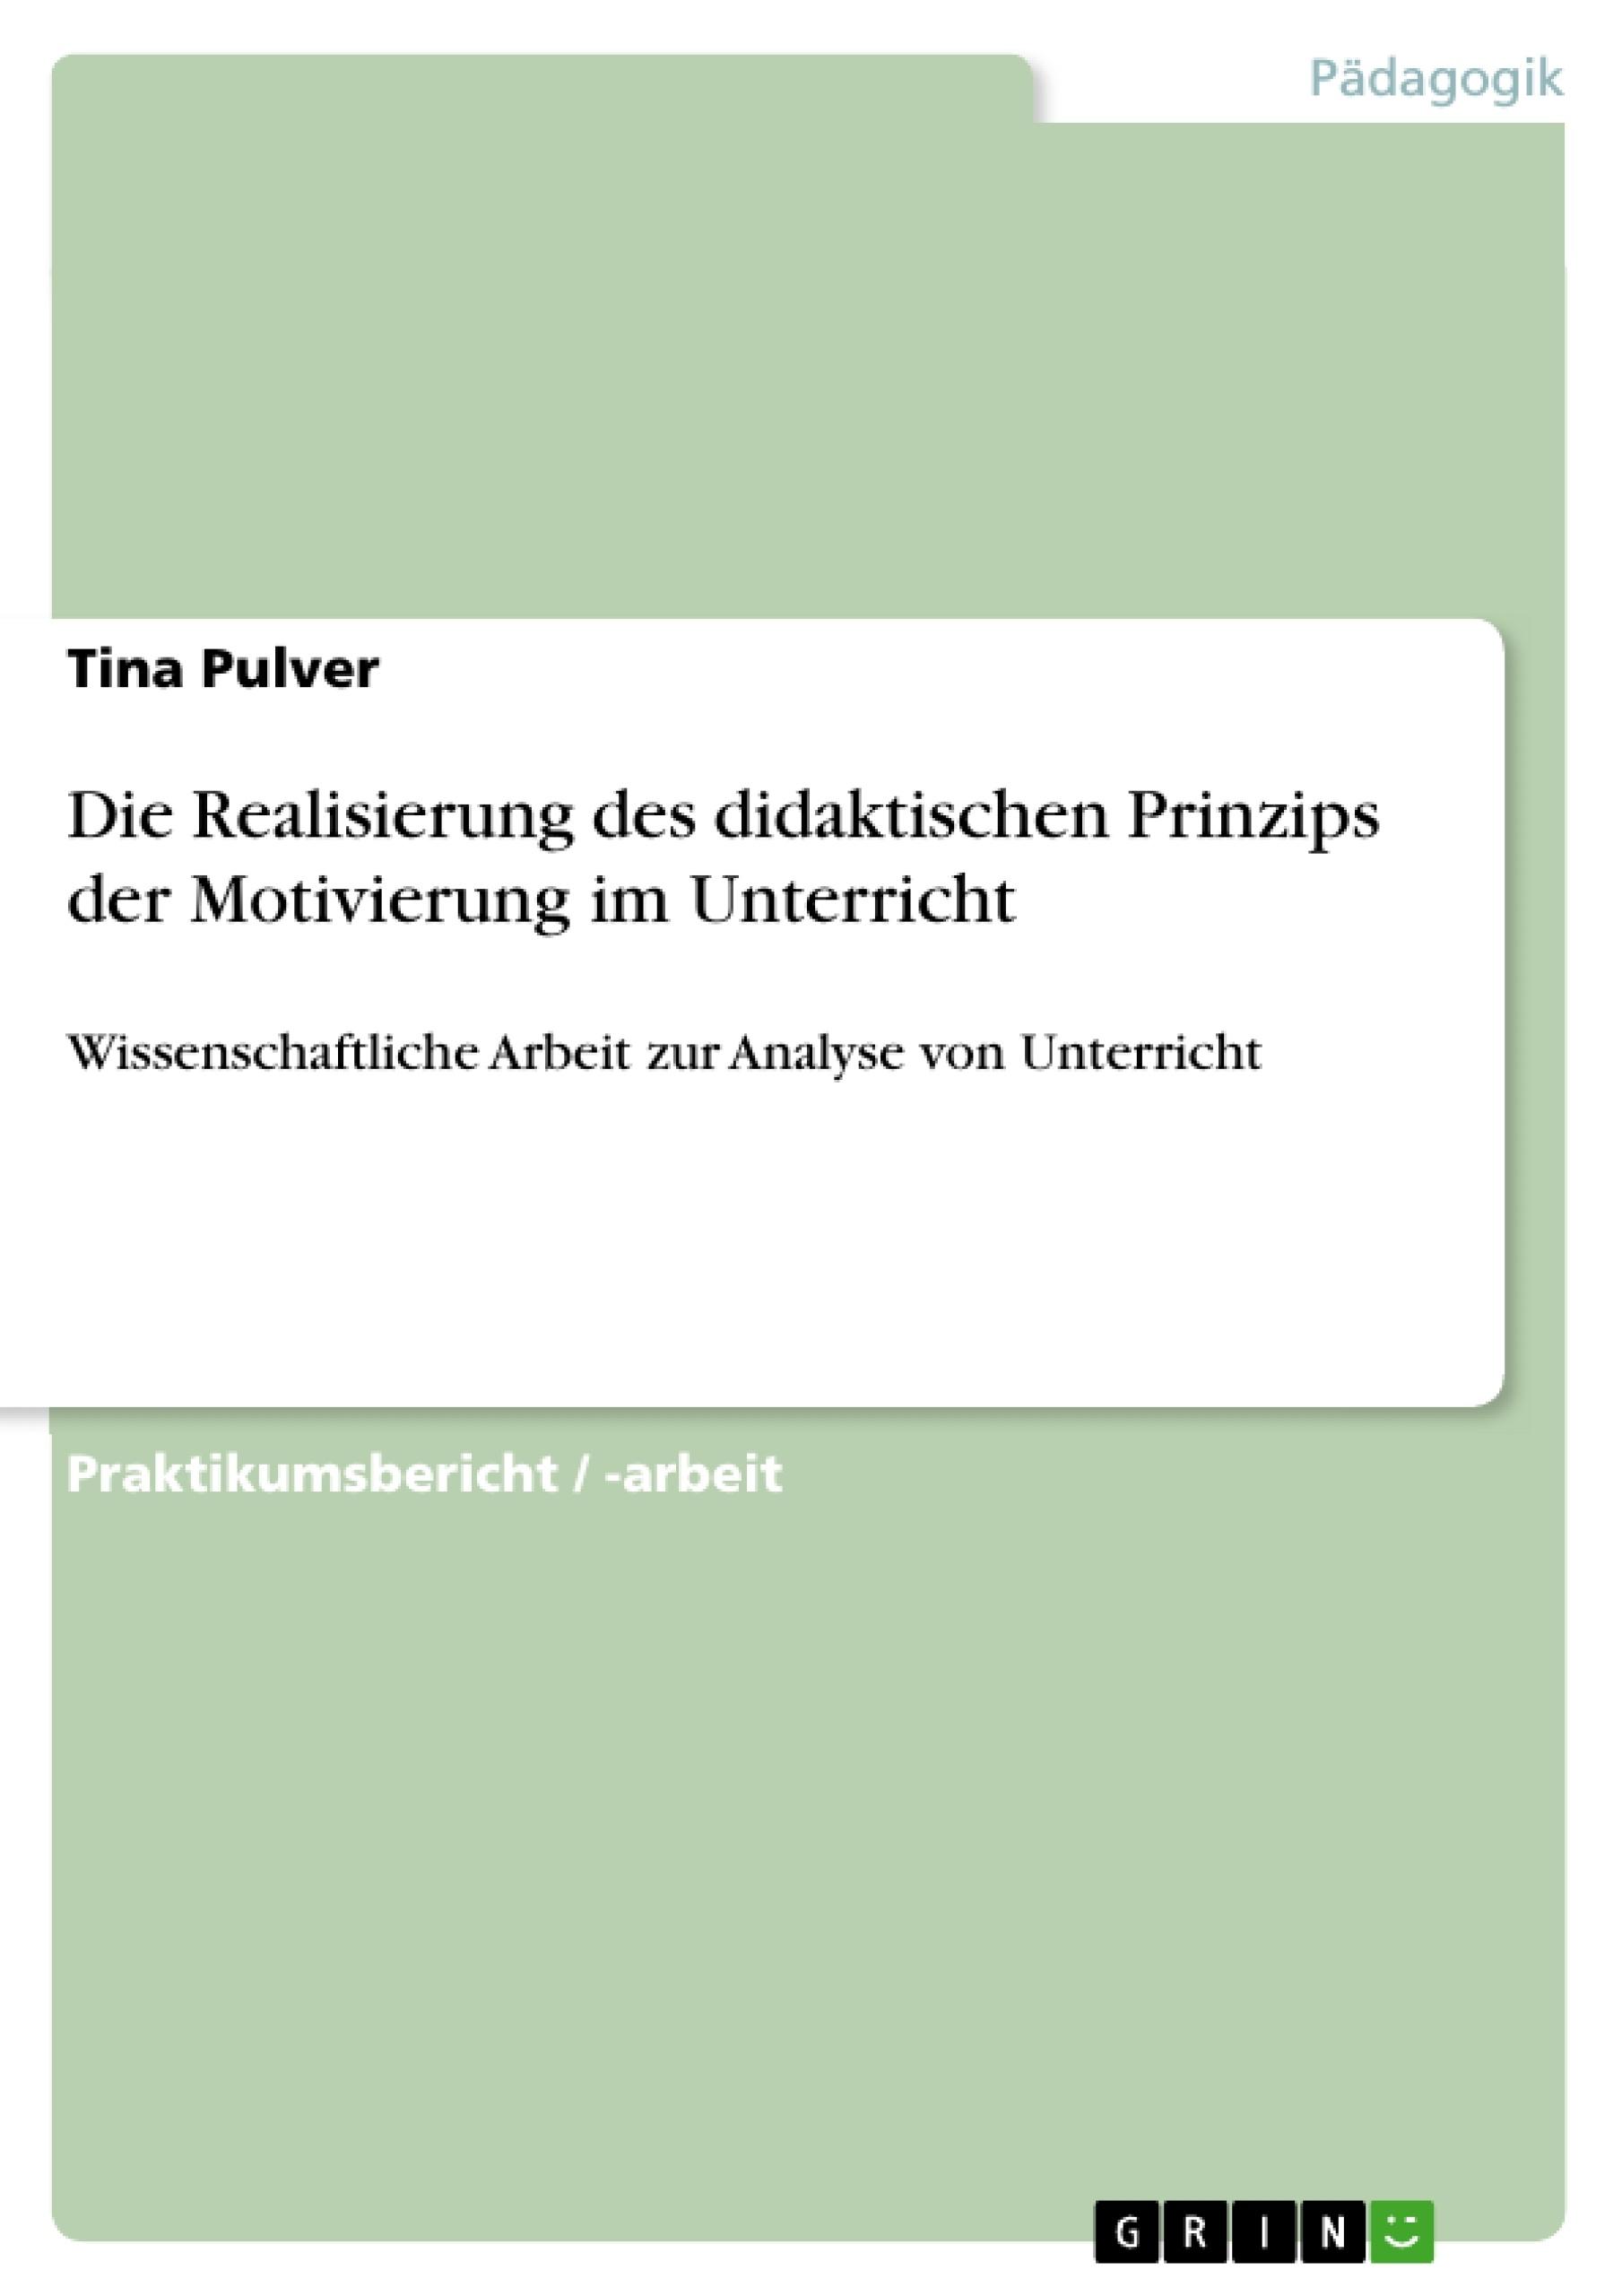 Titel: Die Realisierung des didaktischen Prinzips der Motivierung im Unterricht